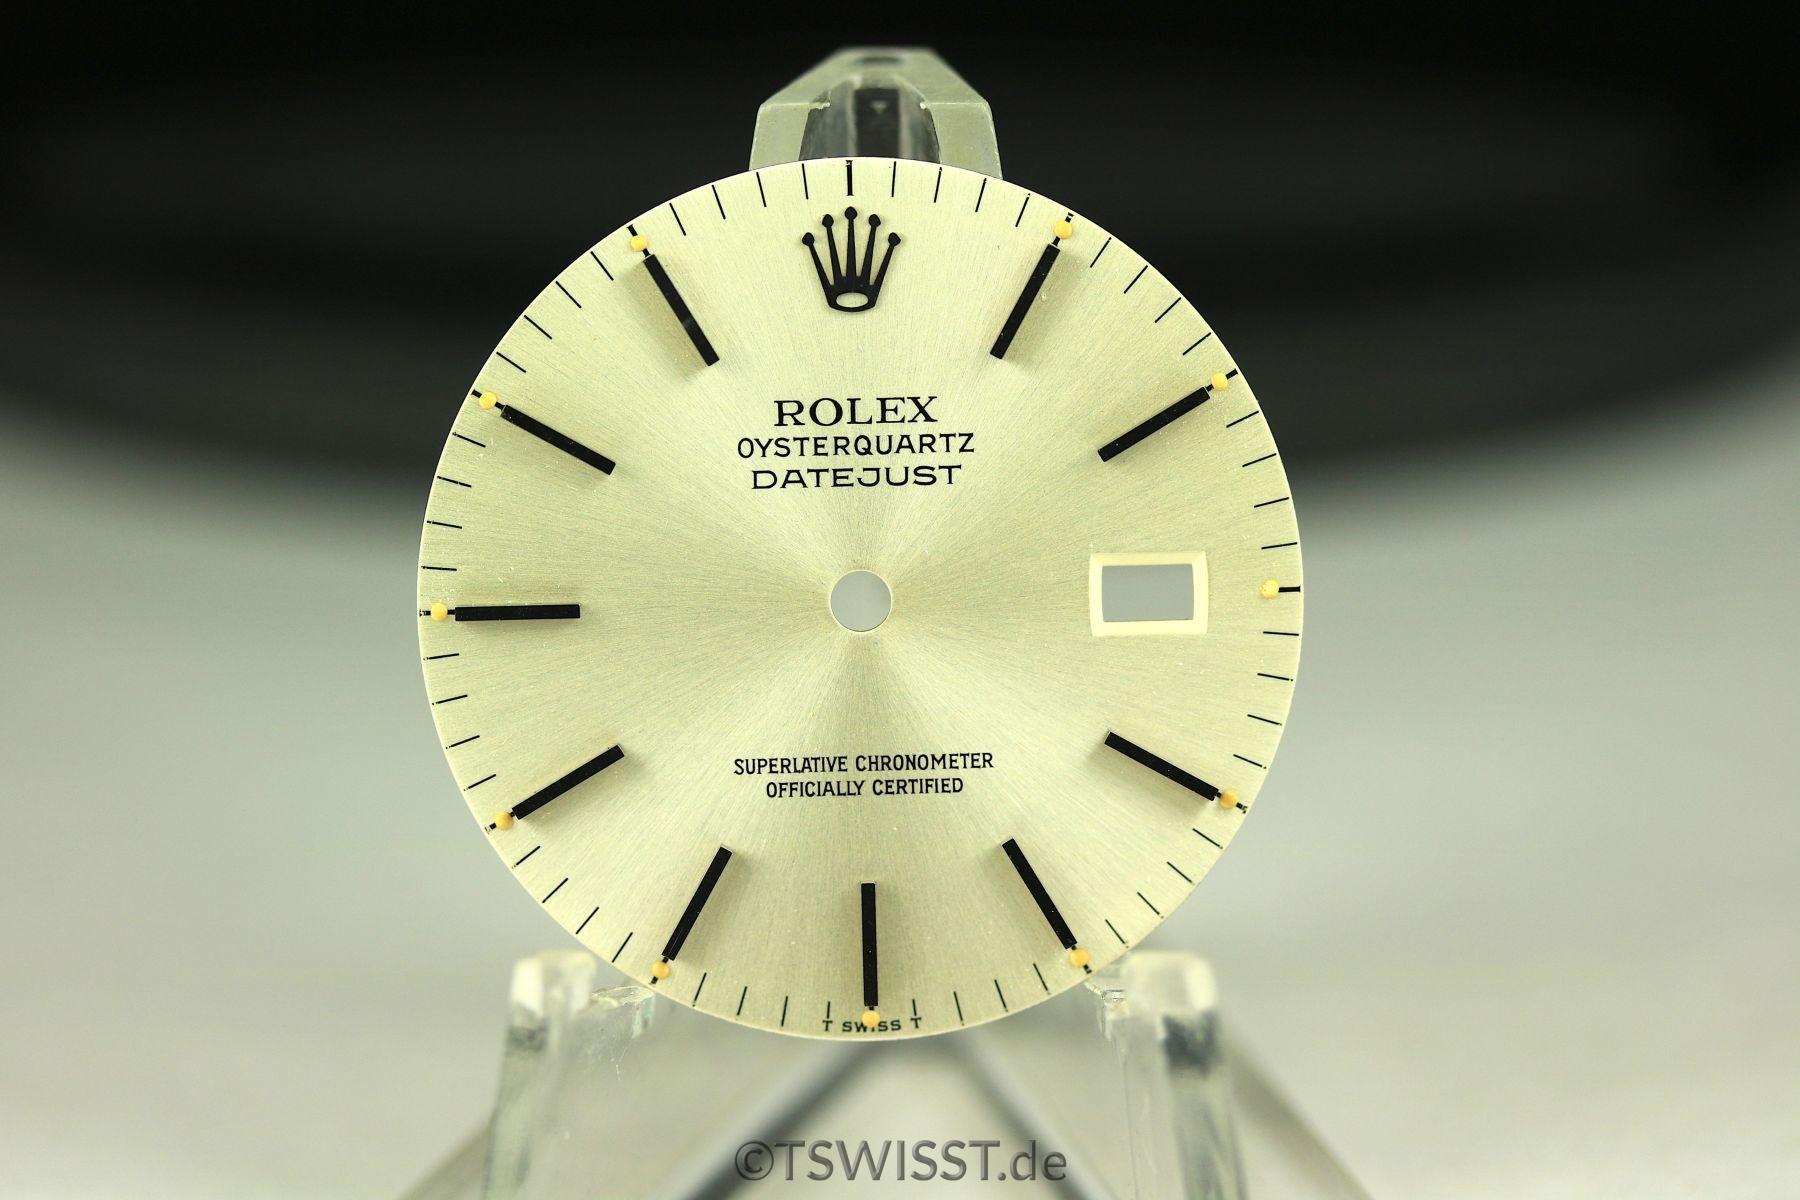 Rolex OQ Datejust dial